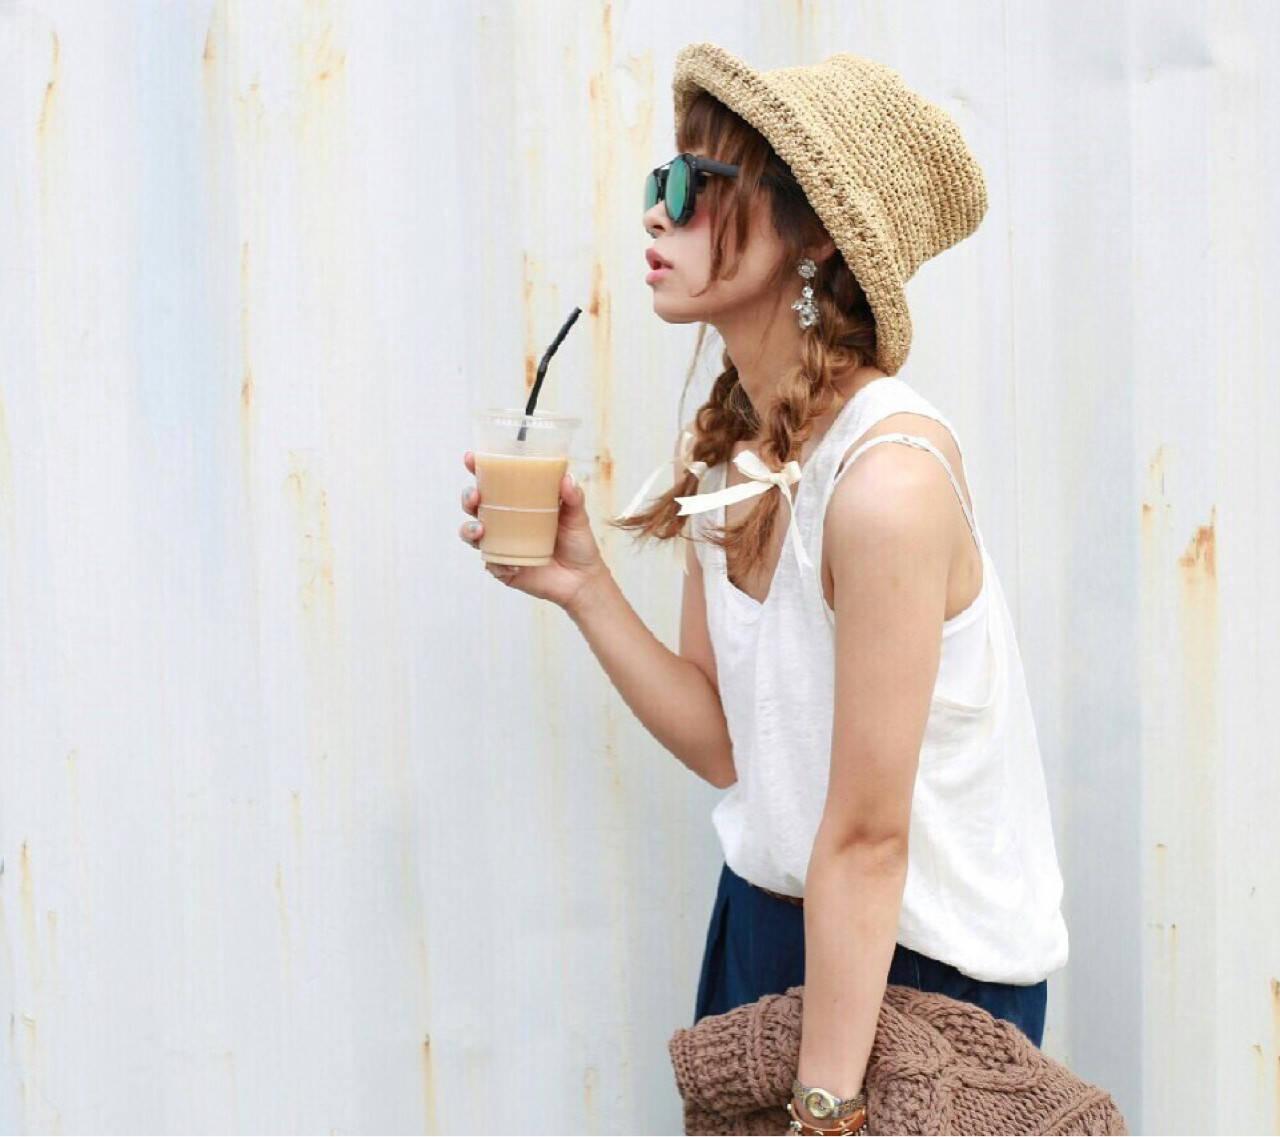 夏 ツインテール ヘアアレンジ セミロングヘアスタイルや髪型の写真・画像